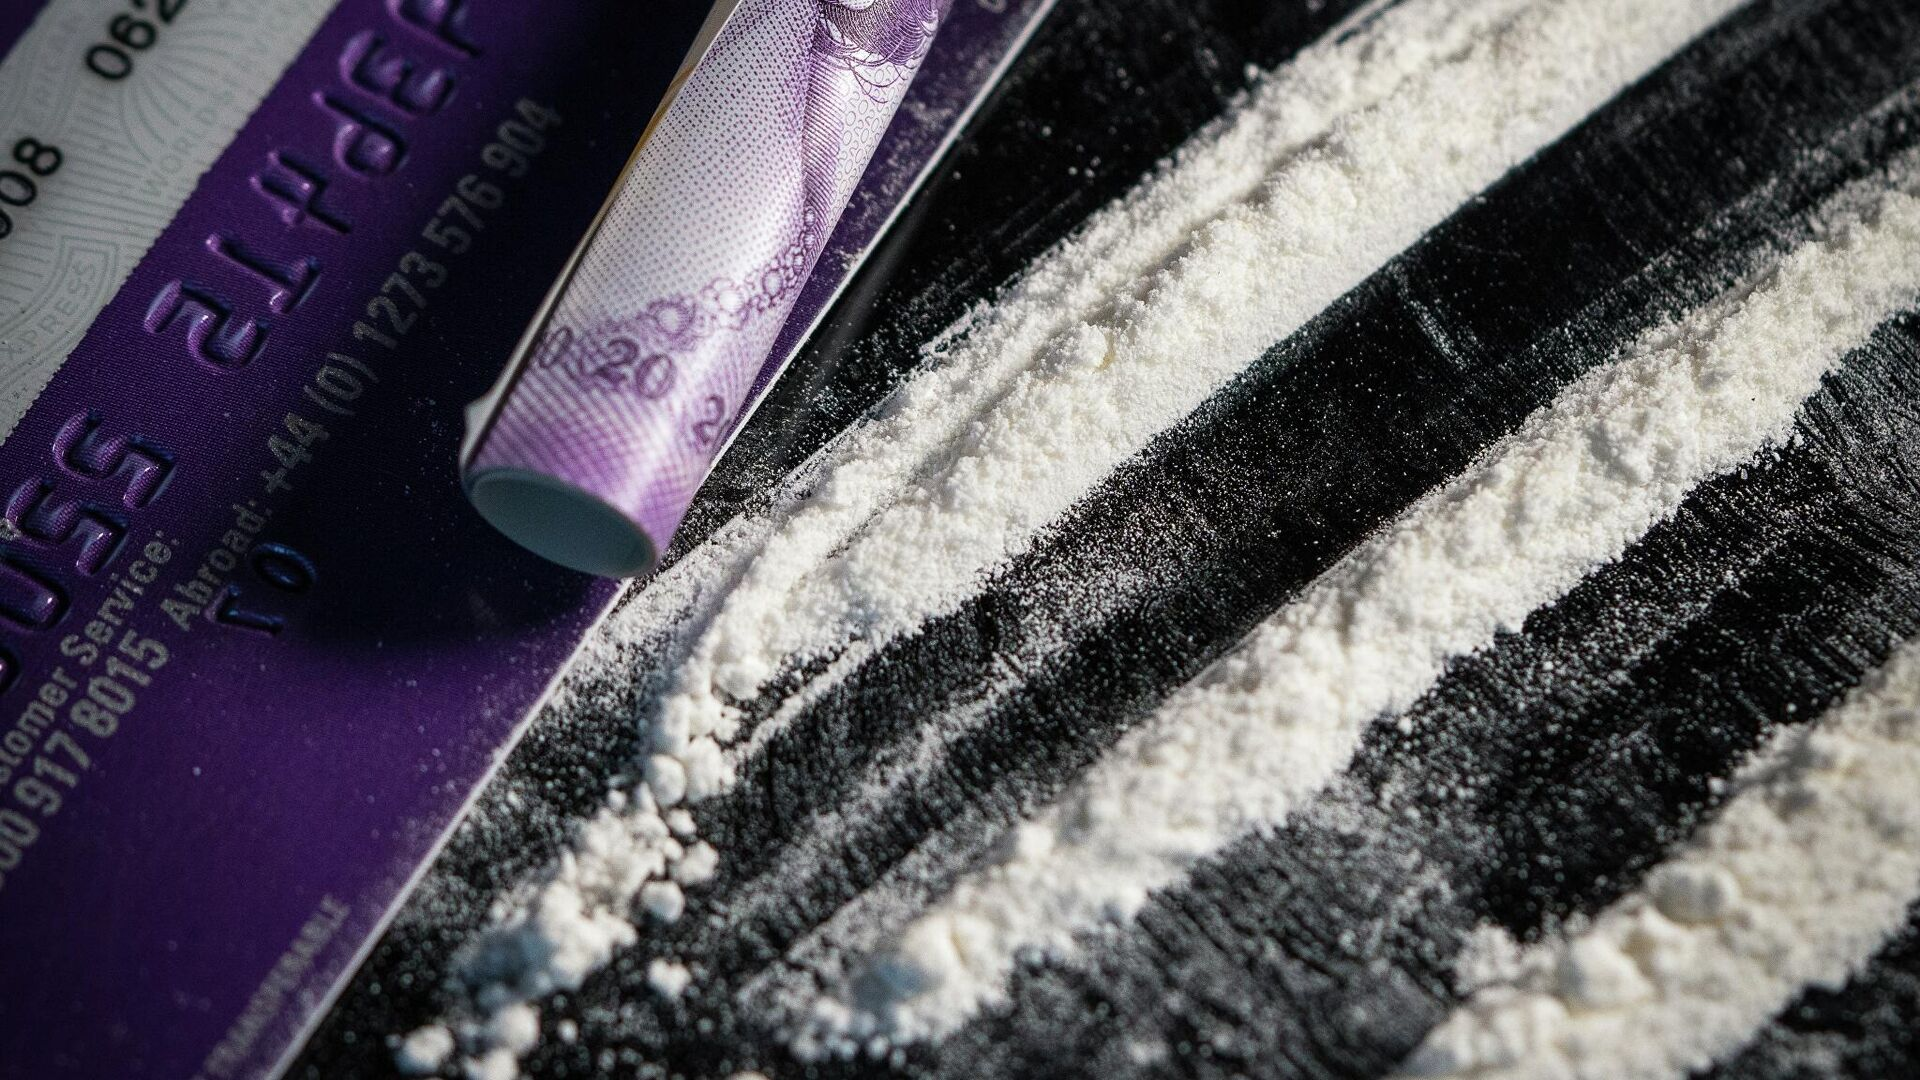 Cocaína (imagen referencial) - Sputnik Mundo, 1920, 06.08.2021